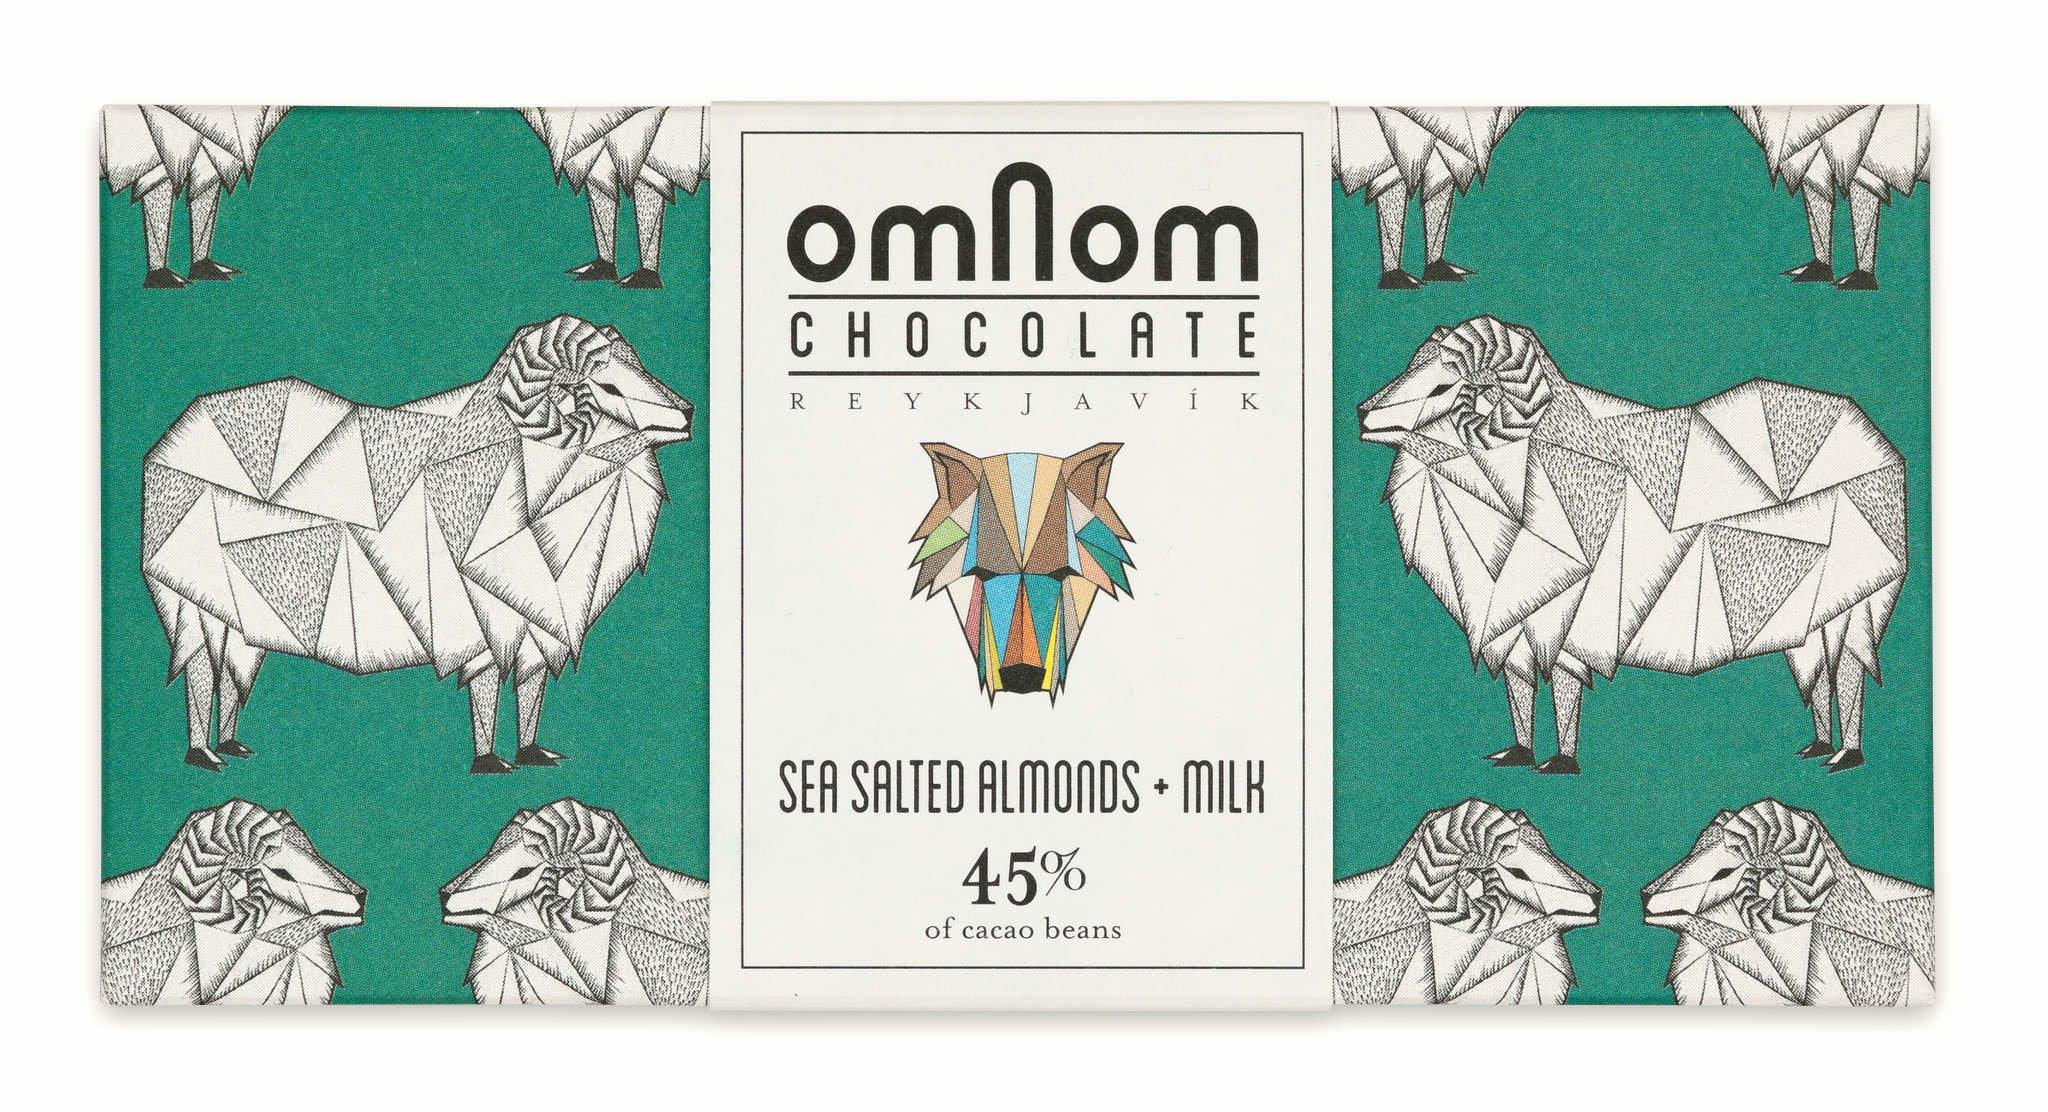 Omnom Chocolate: Sea Salted Almonds + Milk